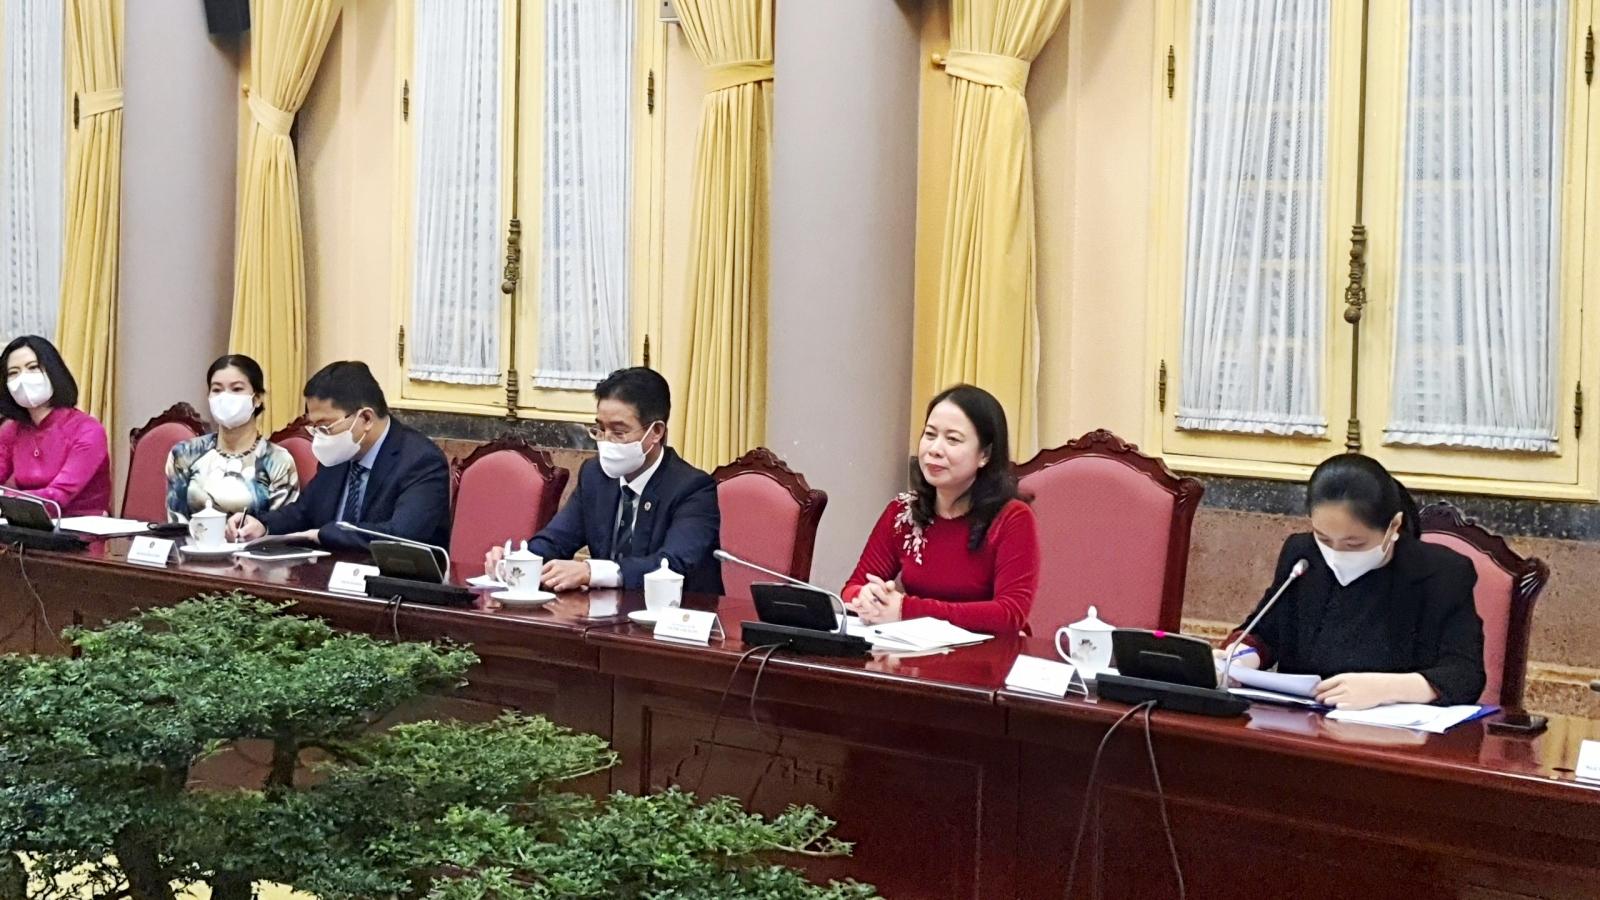 Phó Chủ tịch nước tiếp các nữ Đại sứ và trưởng đại diện các tổ chức quốc tế tại Việt Nam